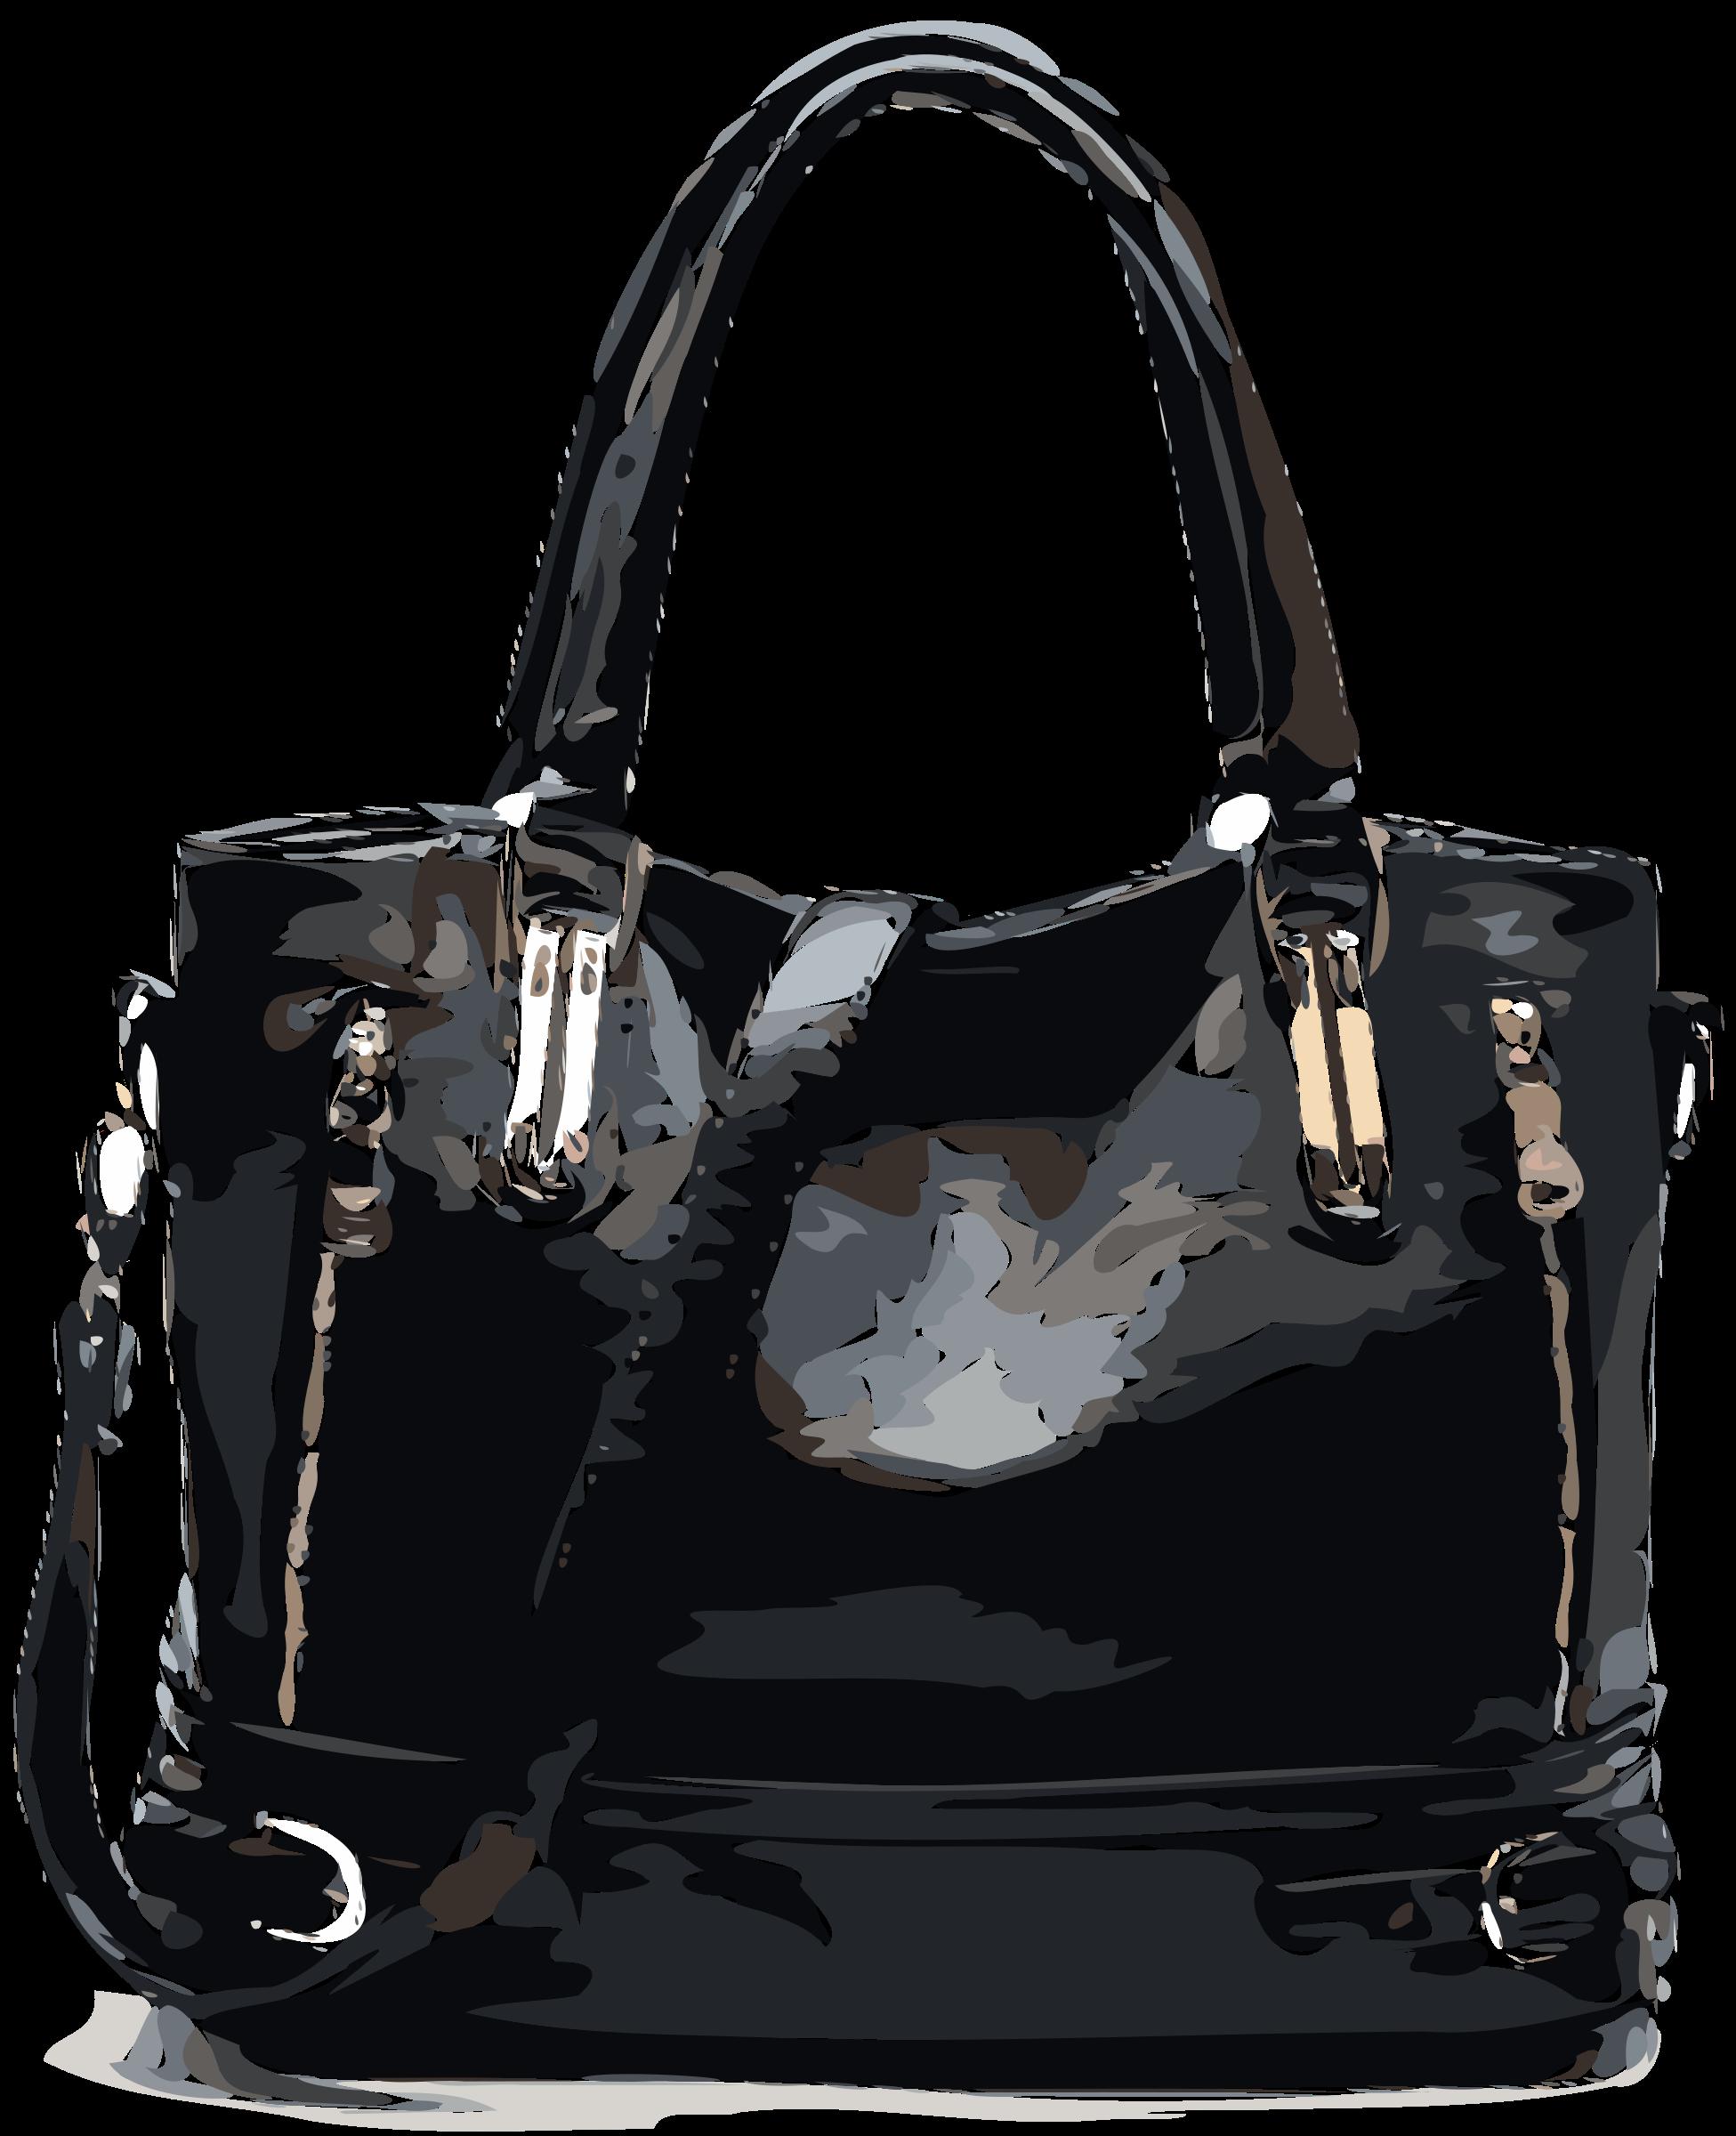 Zipper clipart gray. Black bag no logo